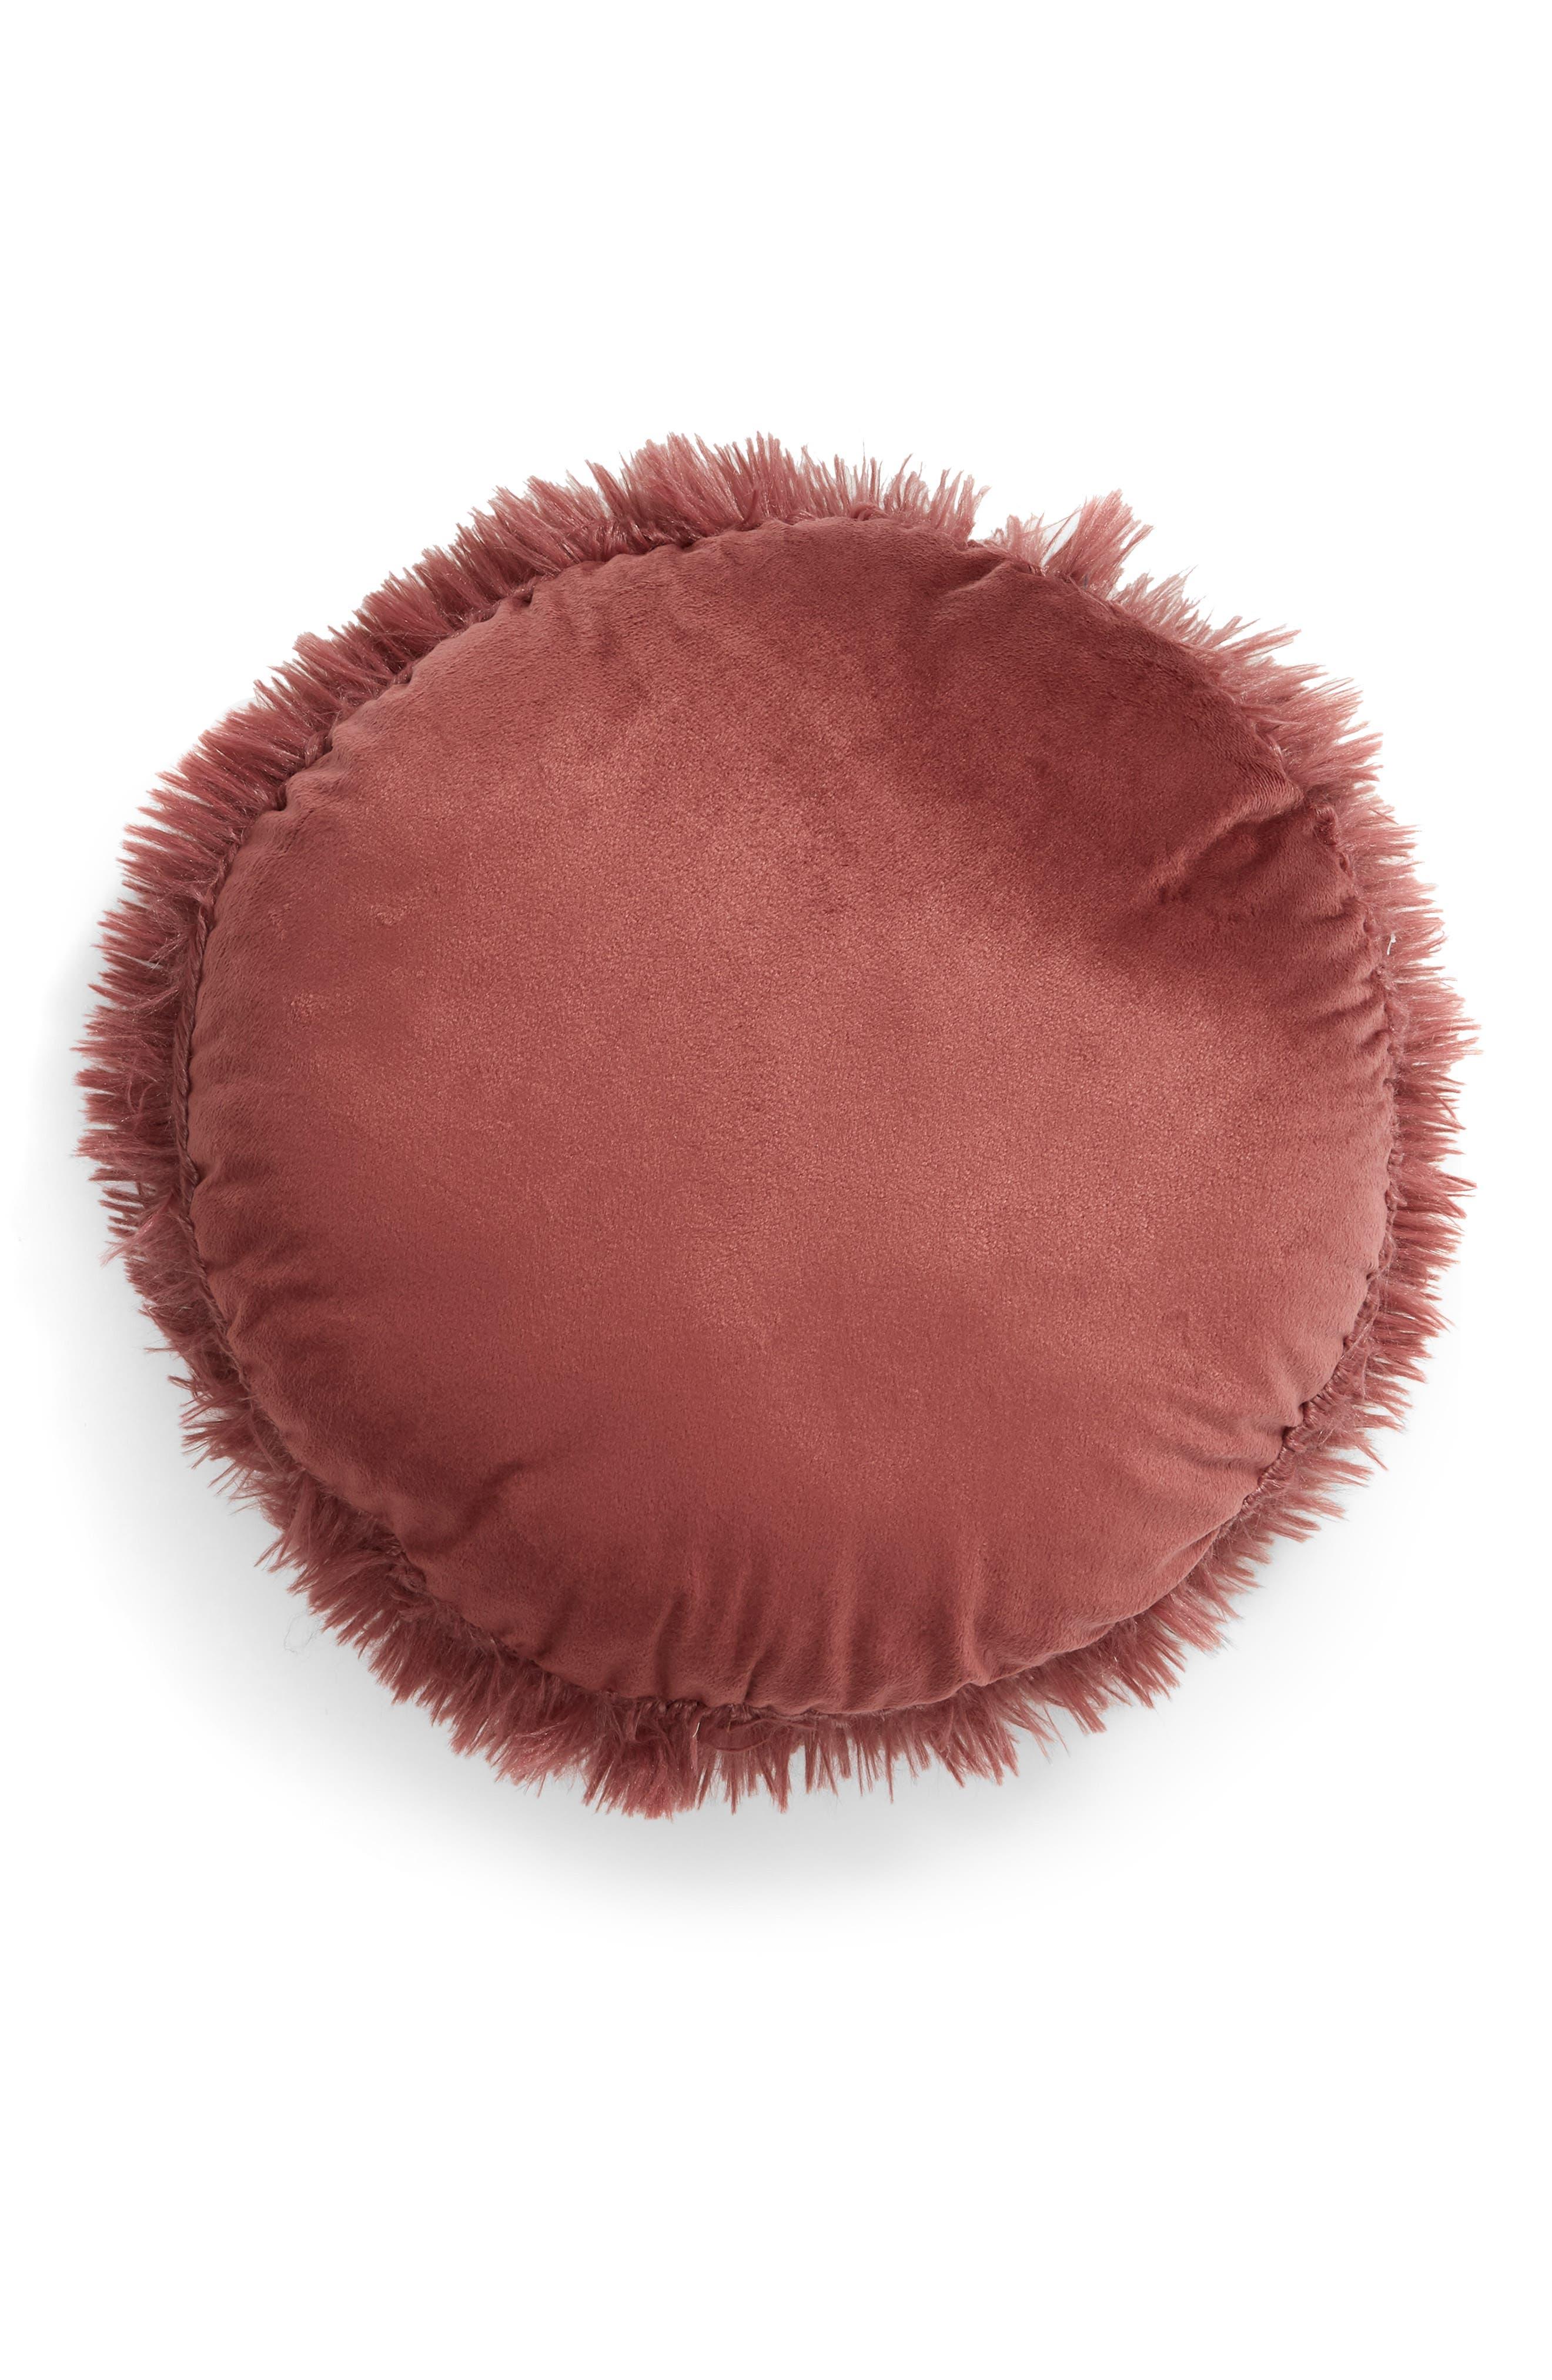 Feather Faux Fur Pillow,                             Alternate thumbnail 13, color,